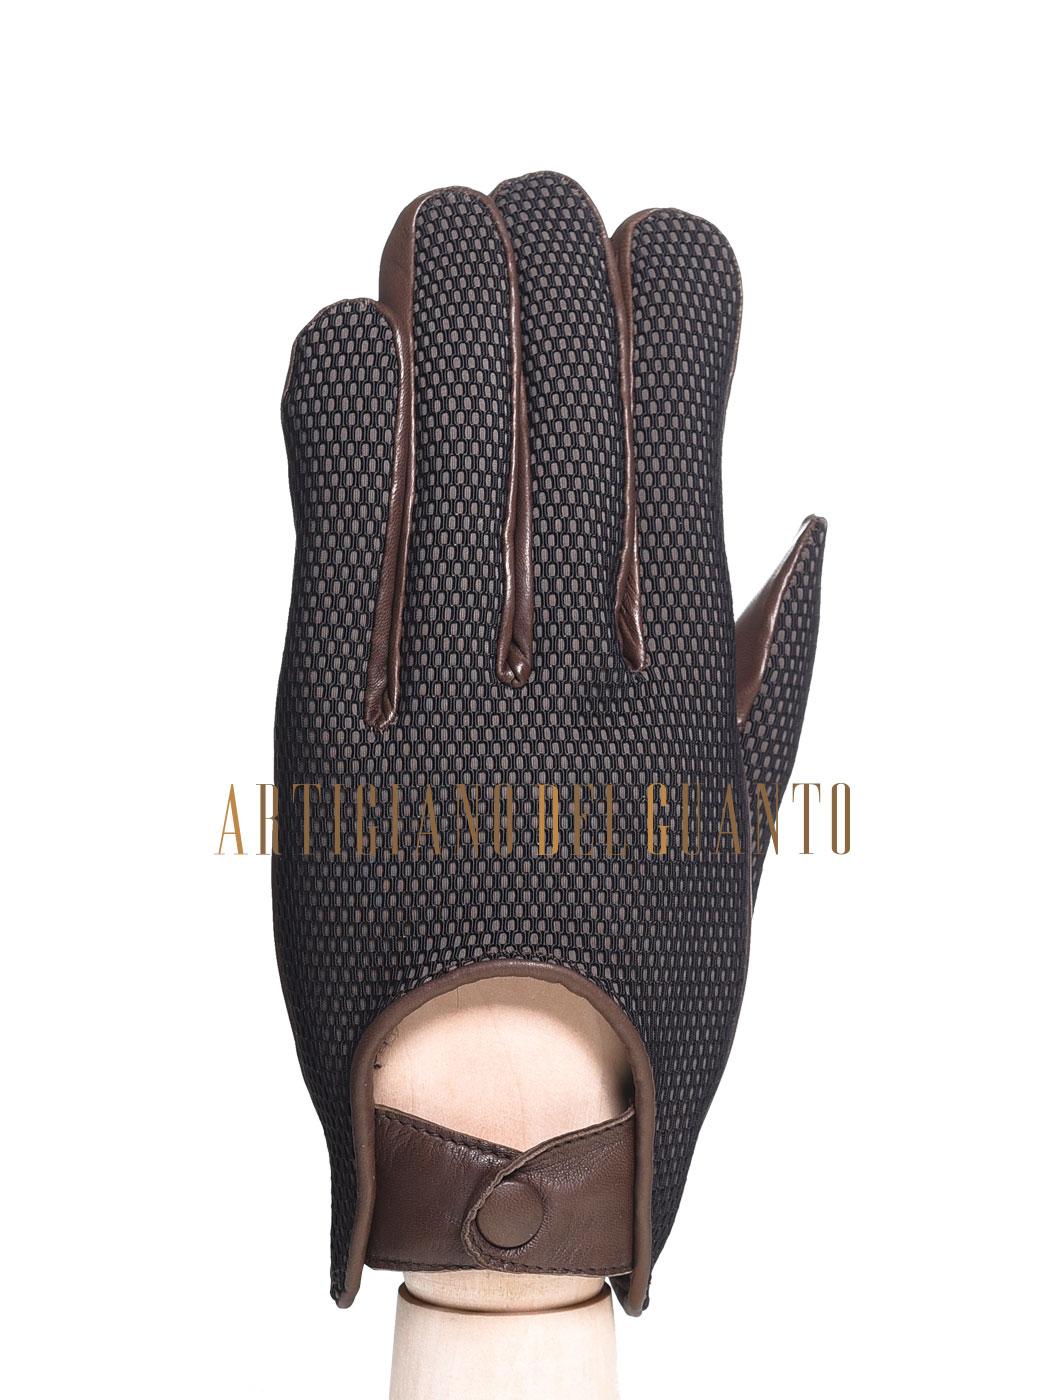 H. Sienkiewicz è un guanto in bimateriale maschile, artigianale, realizzato in pelle di Agnello. Lavorato interamente a mano da Artigiano Del Guanto